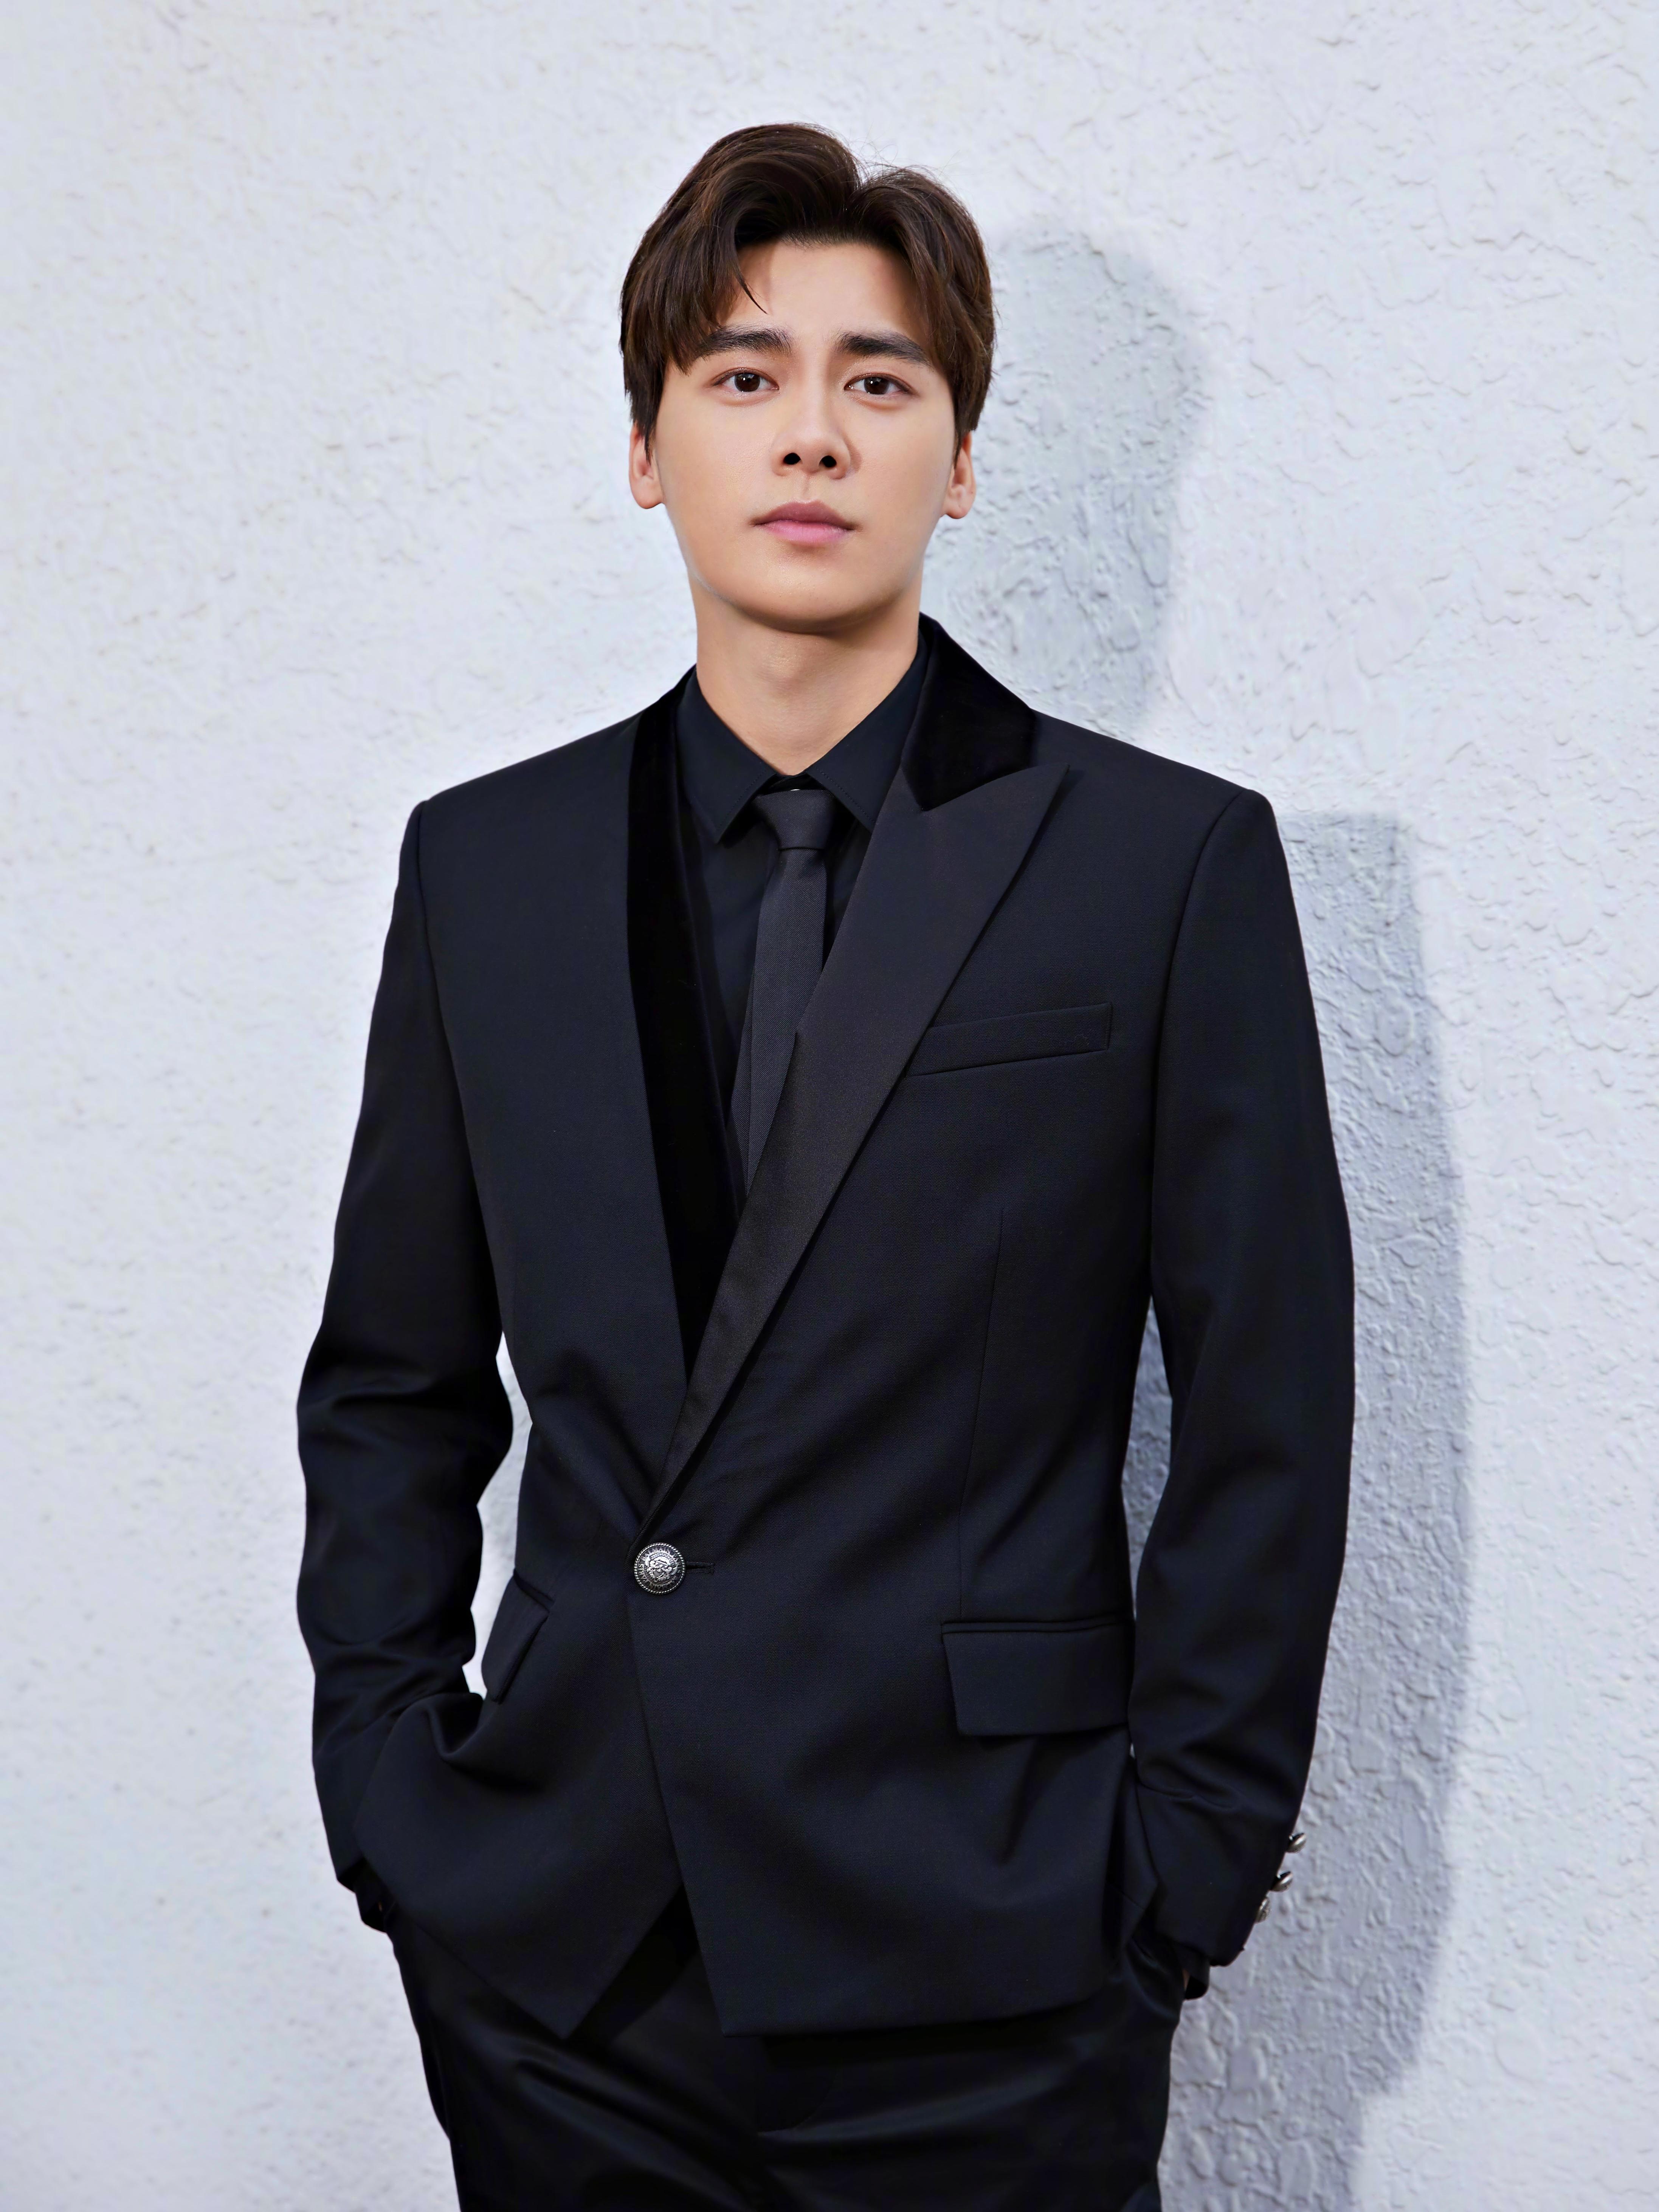 李易峰身着黑色西装 身材消瘦帅气十足!